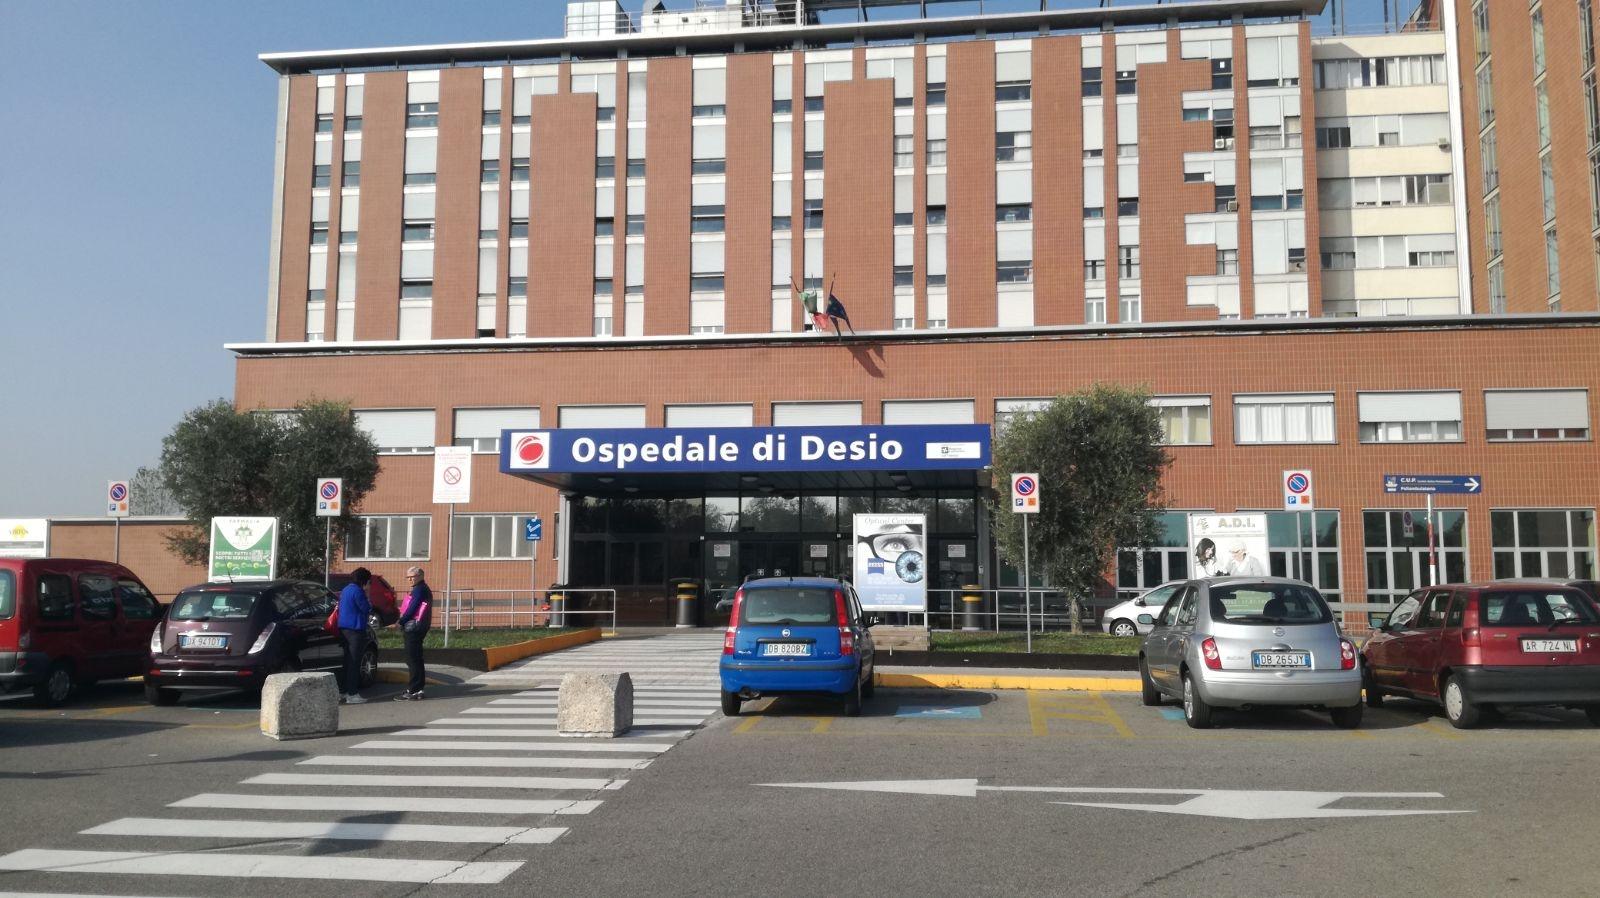 Quale futuro per l'ospedale di Desio dopo che è stato svuotato e penalizzato? - Giornale di Monza